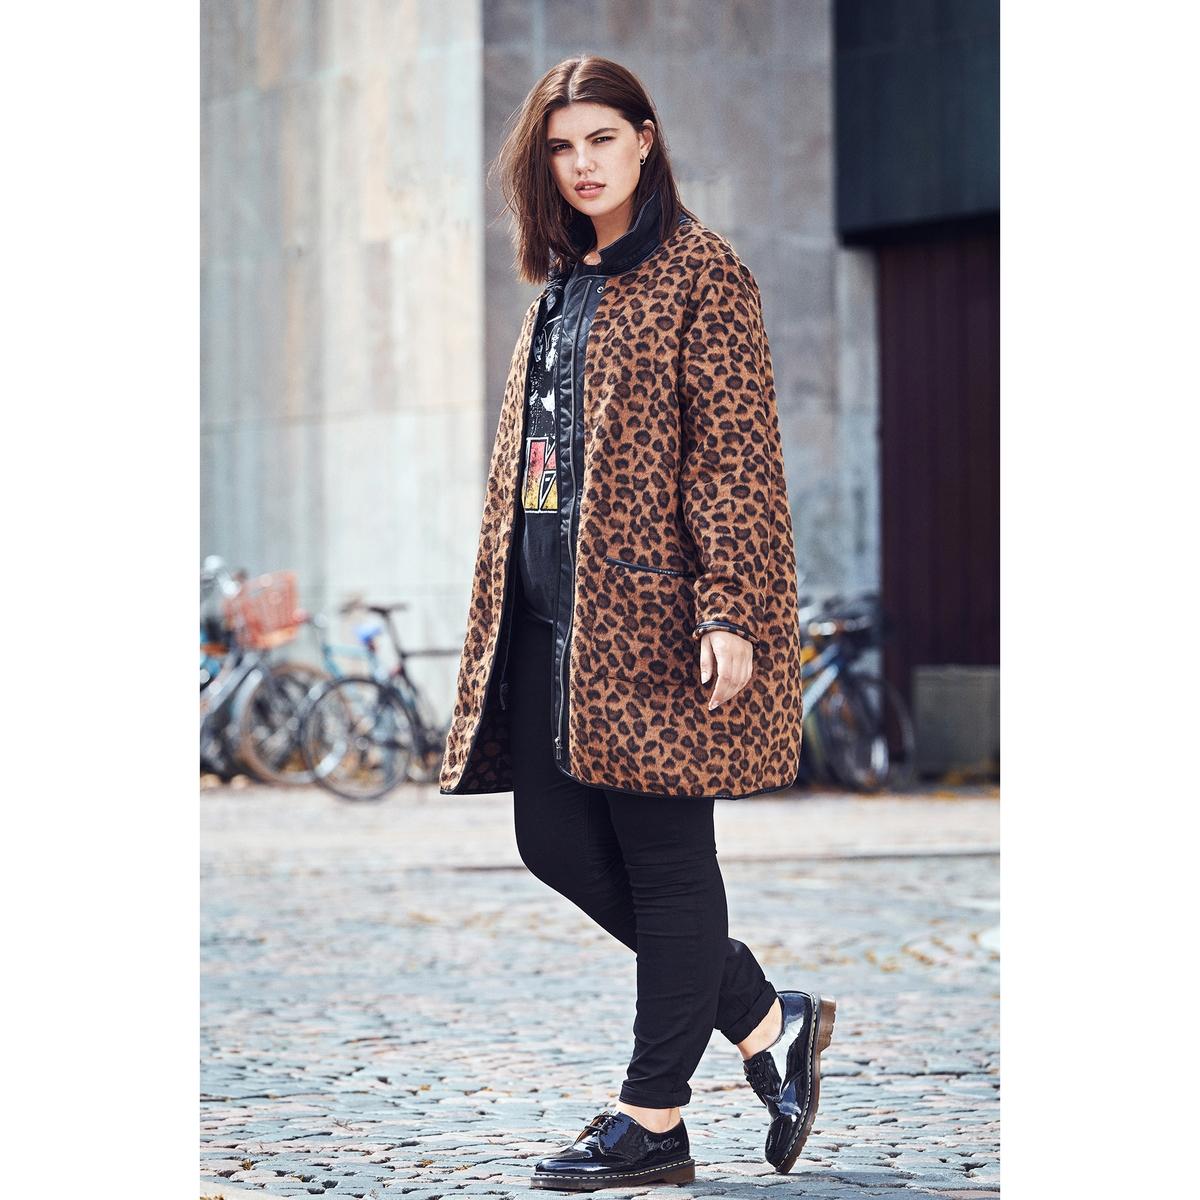 Пальто женское демисезонное средней длины с леопардовым рисунком xp group женское демисезонное пальто ирма молочный